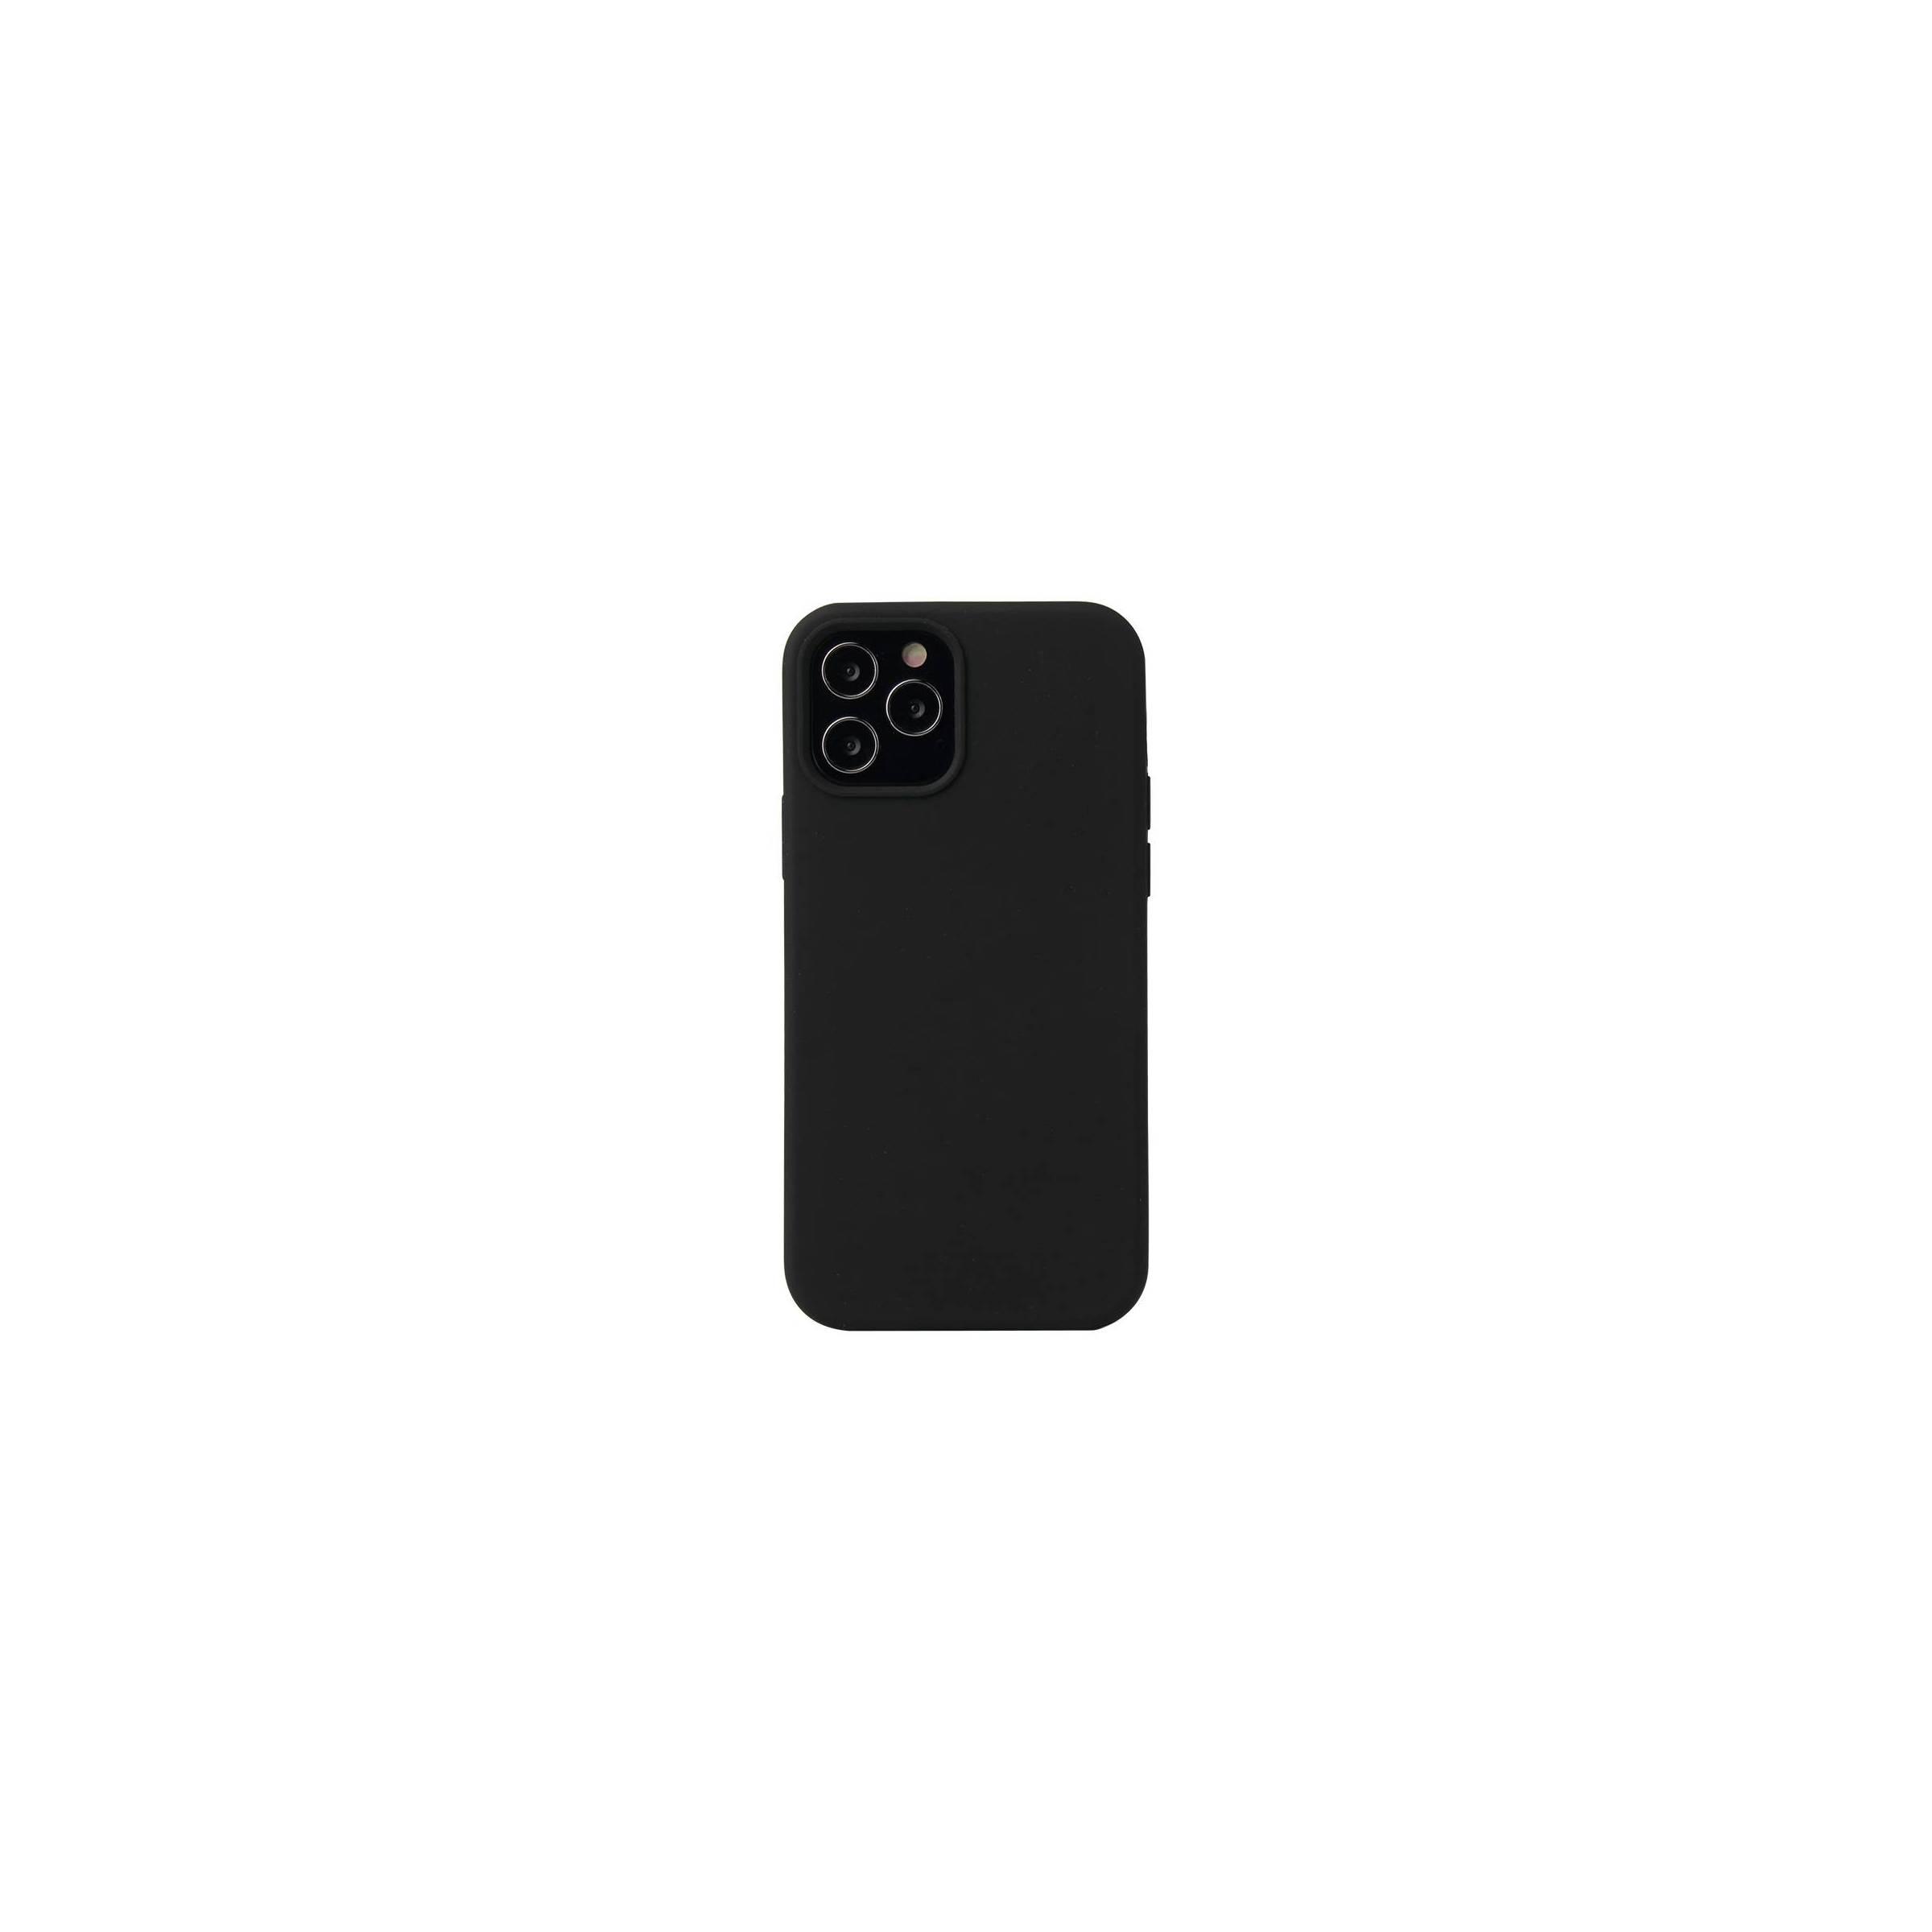 """Lækkert iphone 12 mini silikone cover 5,4"""" flere farver farve sort fra kina oem på mackabler.dk"""